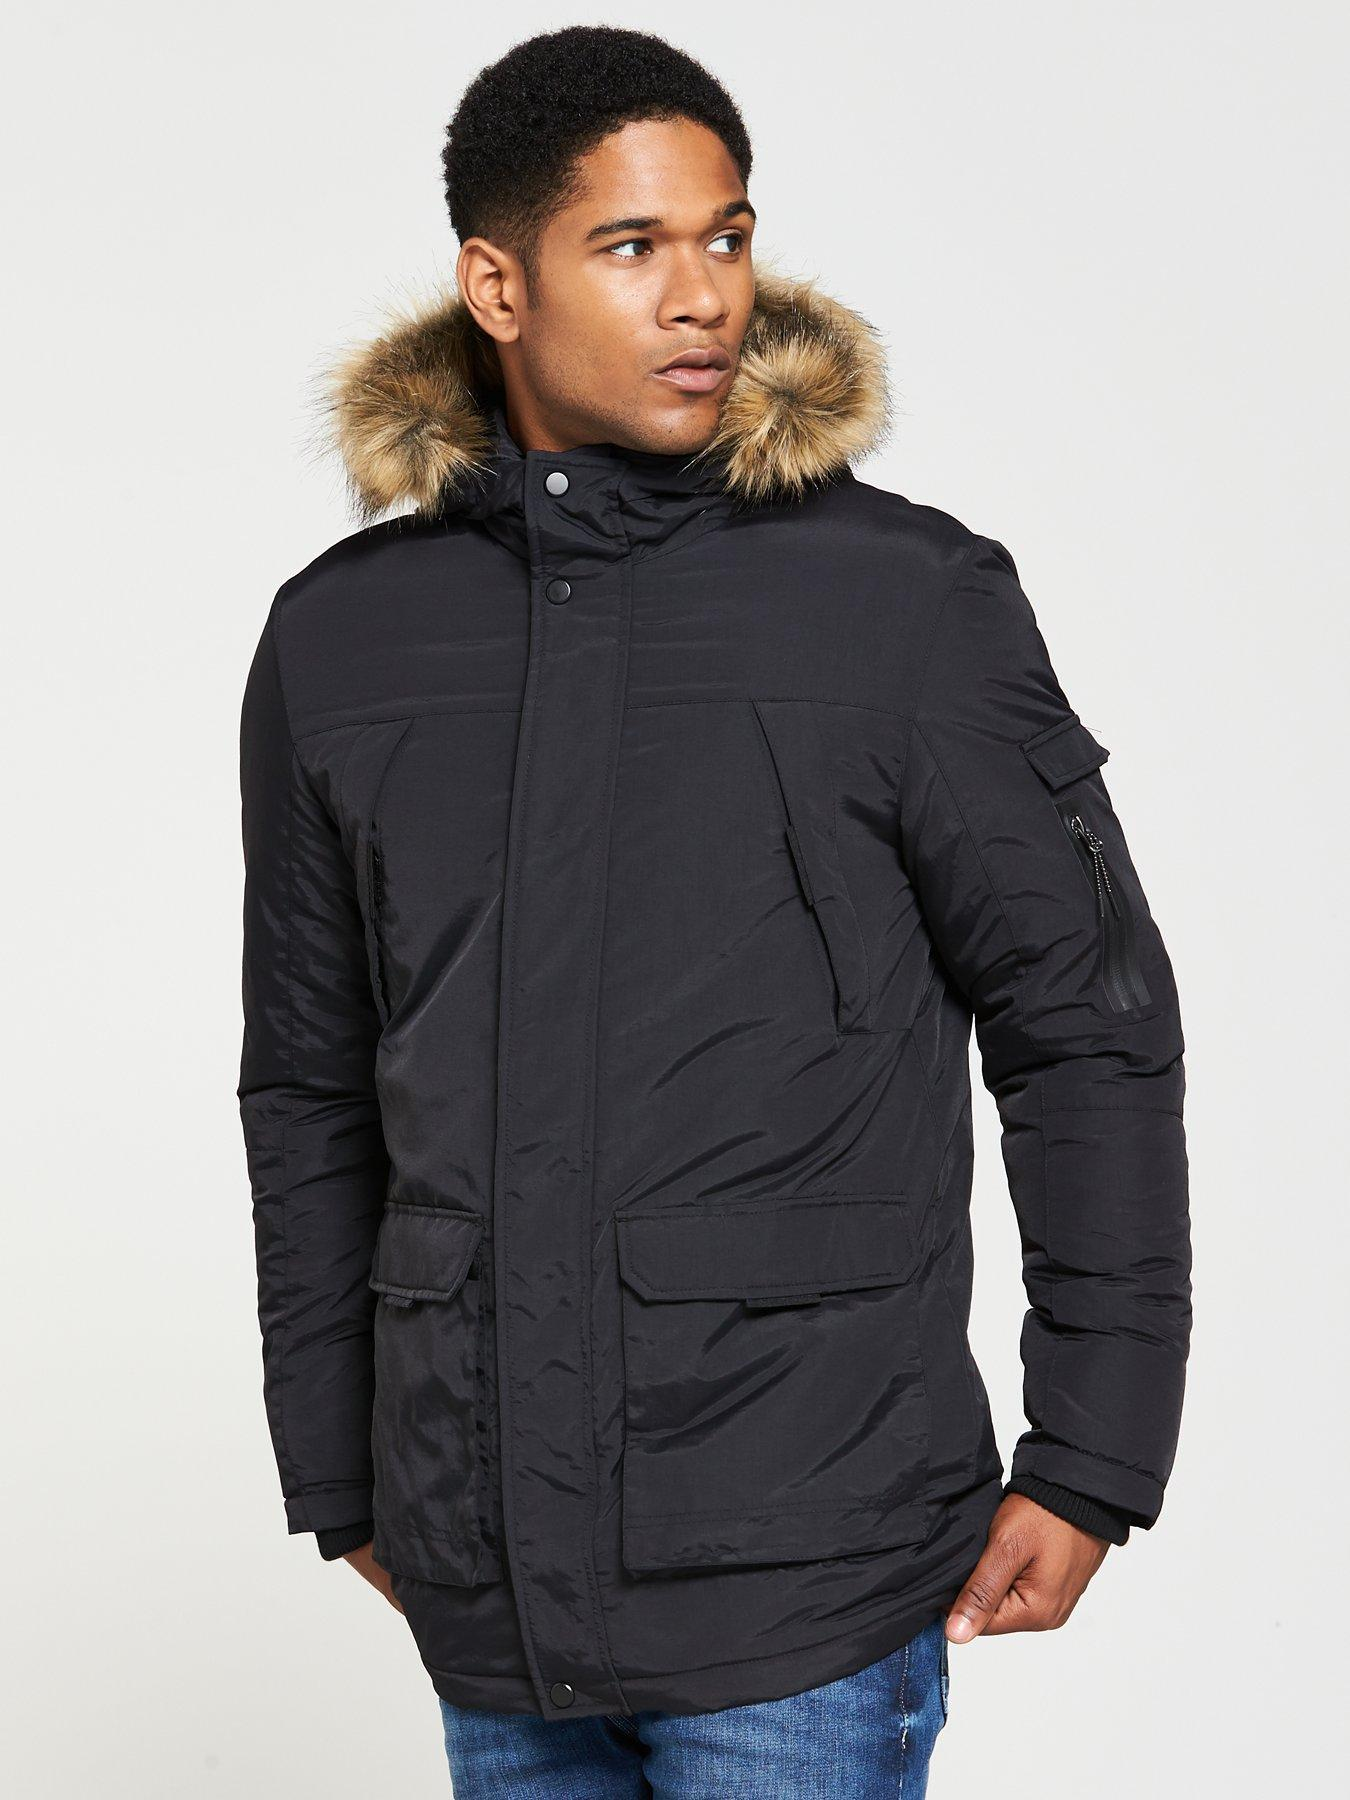 a9448492 Mens Parkas Mens Coats Coats Jackets zRwSq8H